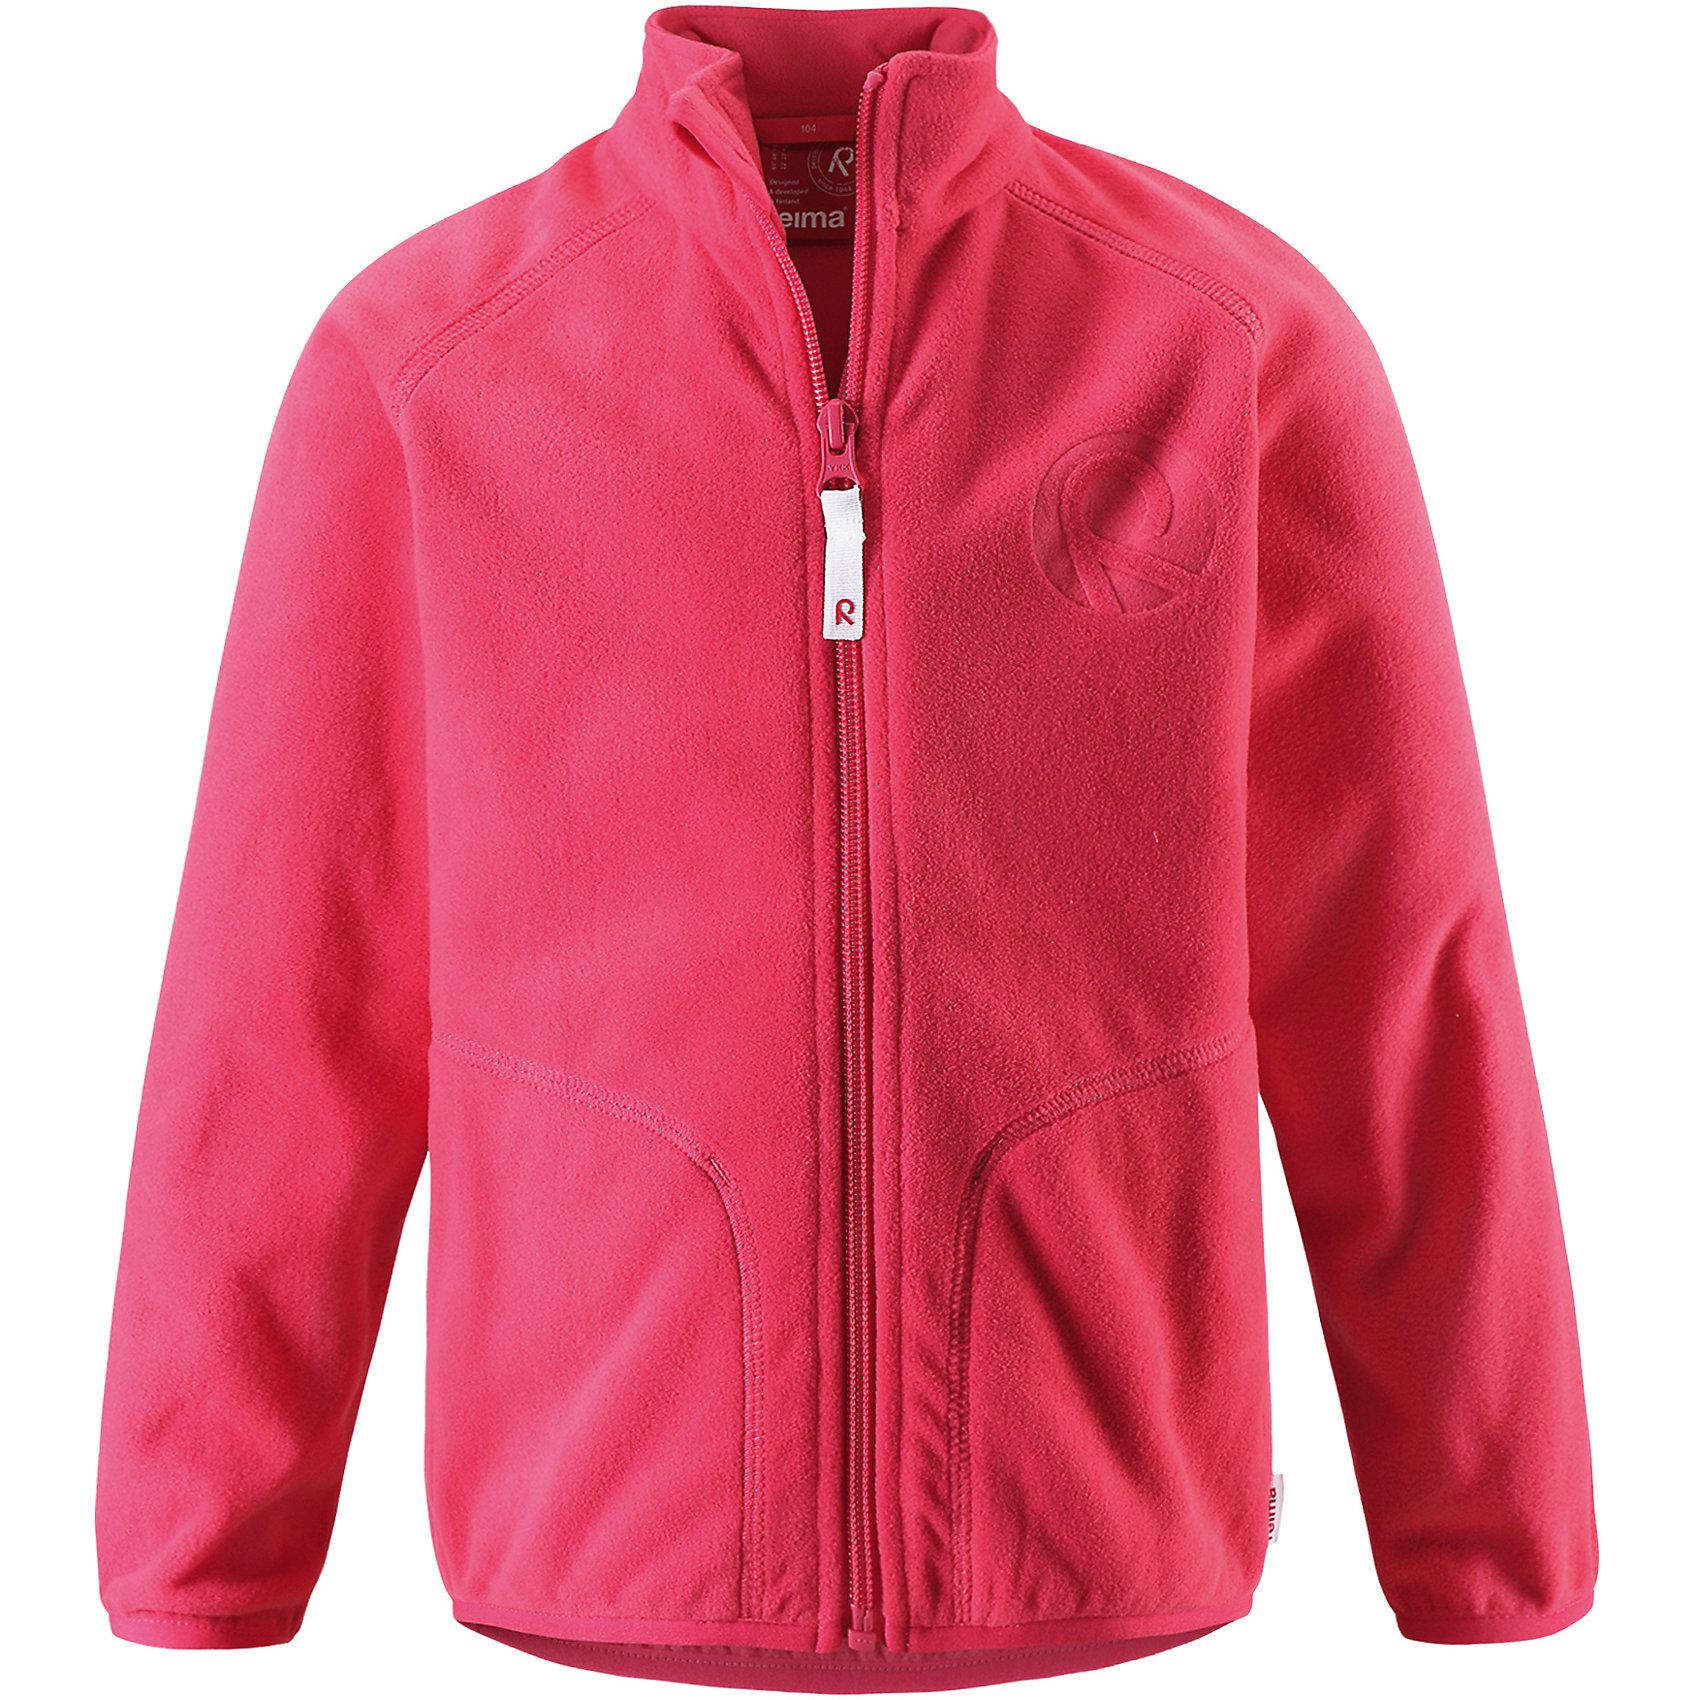 Куртка флисовая Inrun для девочки ReimaХарактеристики товара:<br><br>• цвет: розовый<br>• состав: 100% полиэстер<br>• поларфлис<br>• аппликация<br>• молния<br>• защита подбородка<br>• приятная на ощупь ткань<br>• карманы<br>• может пристегиваться к верхней одежде Reima® кнопками Play Layers®<br>• эластичные манжеты и подол<br>• удлиненная сзади<br>• комфортная посадка<br>• страна производства: Китай<br>• страна бренда: Финляндия<br>• коллекция: весна-лето 2017<br><br>Одежда для детей может быть модной и комфортной одновременно! Удобная курточка поможет обеспечить ребенку комфорт и тепло. Изделие сшито из поларфлис - мягкого и теплого материала, приятного на ощупь. Модель стильно смотрится, отлично сочетается с различным низом. Стильный дизайн разрабатывался специально для детей.<br><br>Одежда и обувь от финского бренда Reima пользуется популярностью во многих странах. Эти изделия стильные, качественные и удобные. Для производства продукции используются только безопасные, проверенные материалы и фурнитура. Порадуйте ребенка модными и красивыми вещами от Reima! <br><br>Куртку флисовую для мальчика от финского бренда Reima (Рейма) можно купить в нашем интернет-магазине.<br><br>Ширина мм: 356<br>Глубина мм: 10<br>Высота мм: 245<br>Вес г: 519<br>Цвет: розовый<br>Возраст от месяцев: 18<br>Возраст до месяцев: 24<br>Пол: Женский<br>Возраст: Детский<br>Размер: 92,140,134,128,122,116,110,104,98<br>SKU: 5268156